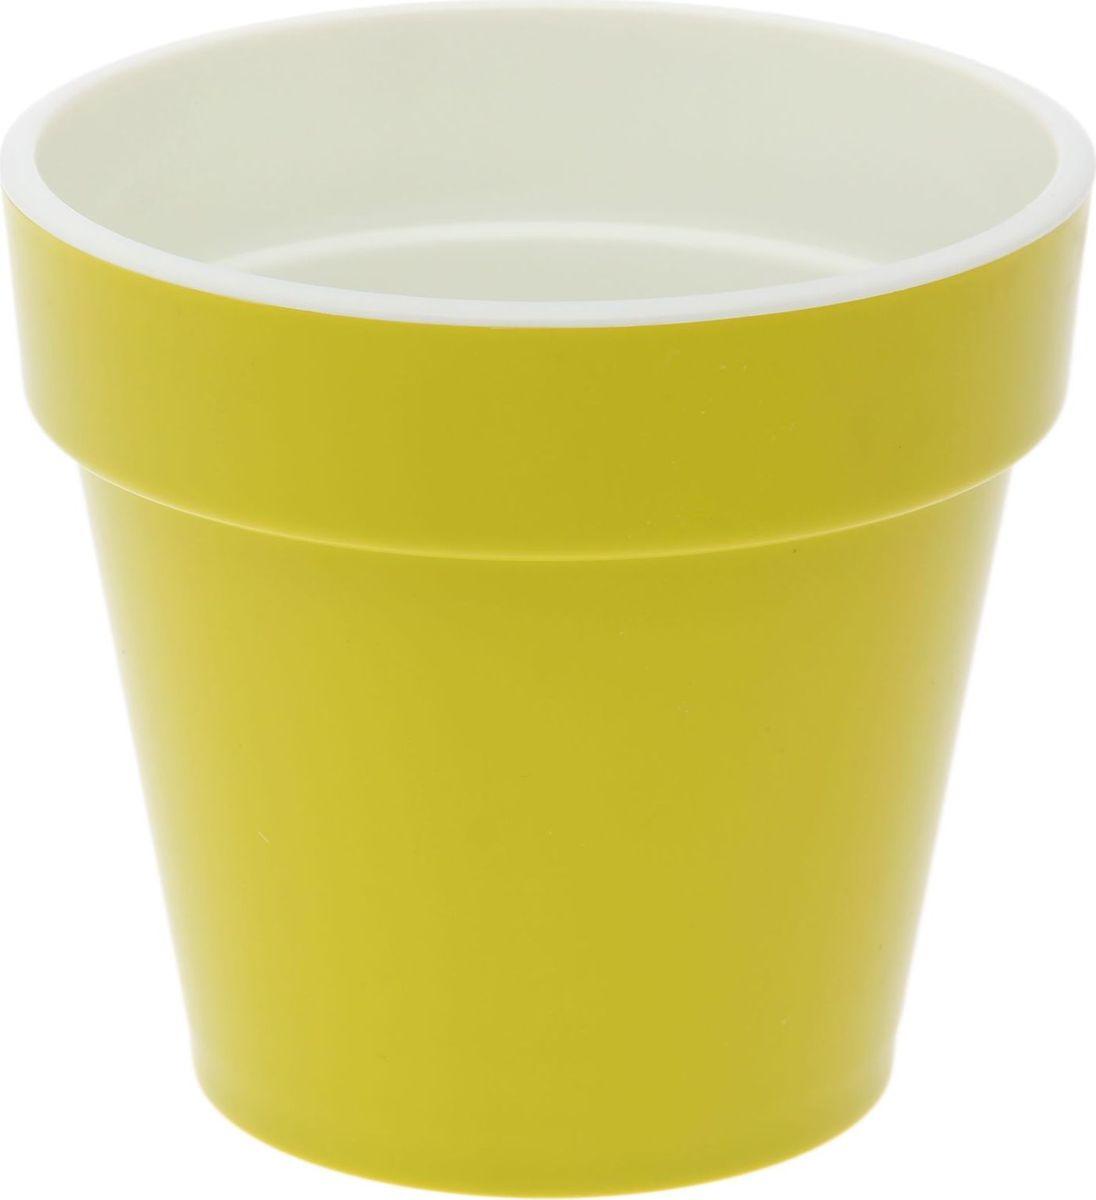 Кашпо JetPlast Порто, со вставкой, цвет: фисташковый, 1 л531-326Кашпо Порто классической формы с внутренней вставкой-горшком. Дренажная вставка позволяет легко поливать растения без использования дополнительного поддона. Вместительный объем кашпо позволяет высаживать самые разнообразные растения, а съемная вставка избавит вас от грязи и подчеркнет красоту цветка. Оно изготовлено из прочного полипропилена (пластика). Такое кашпо порадует вас функциональностью, а благодаря лаконичному дизайну впишется в любой интерьер помещения. Объем кашпо: 1 л.